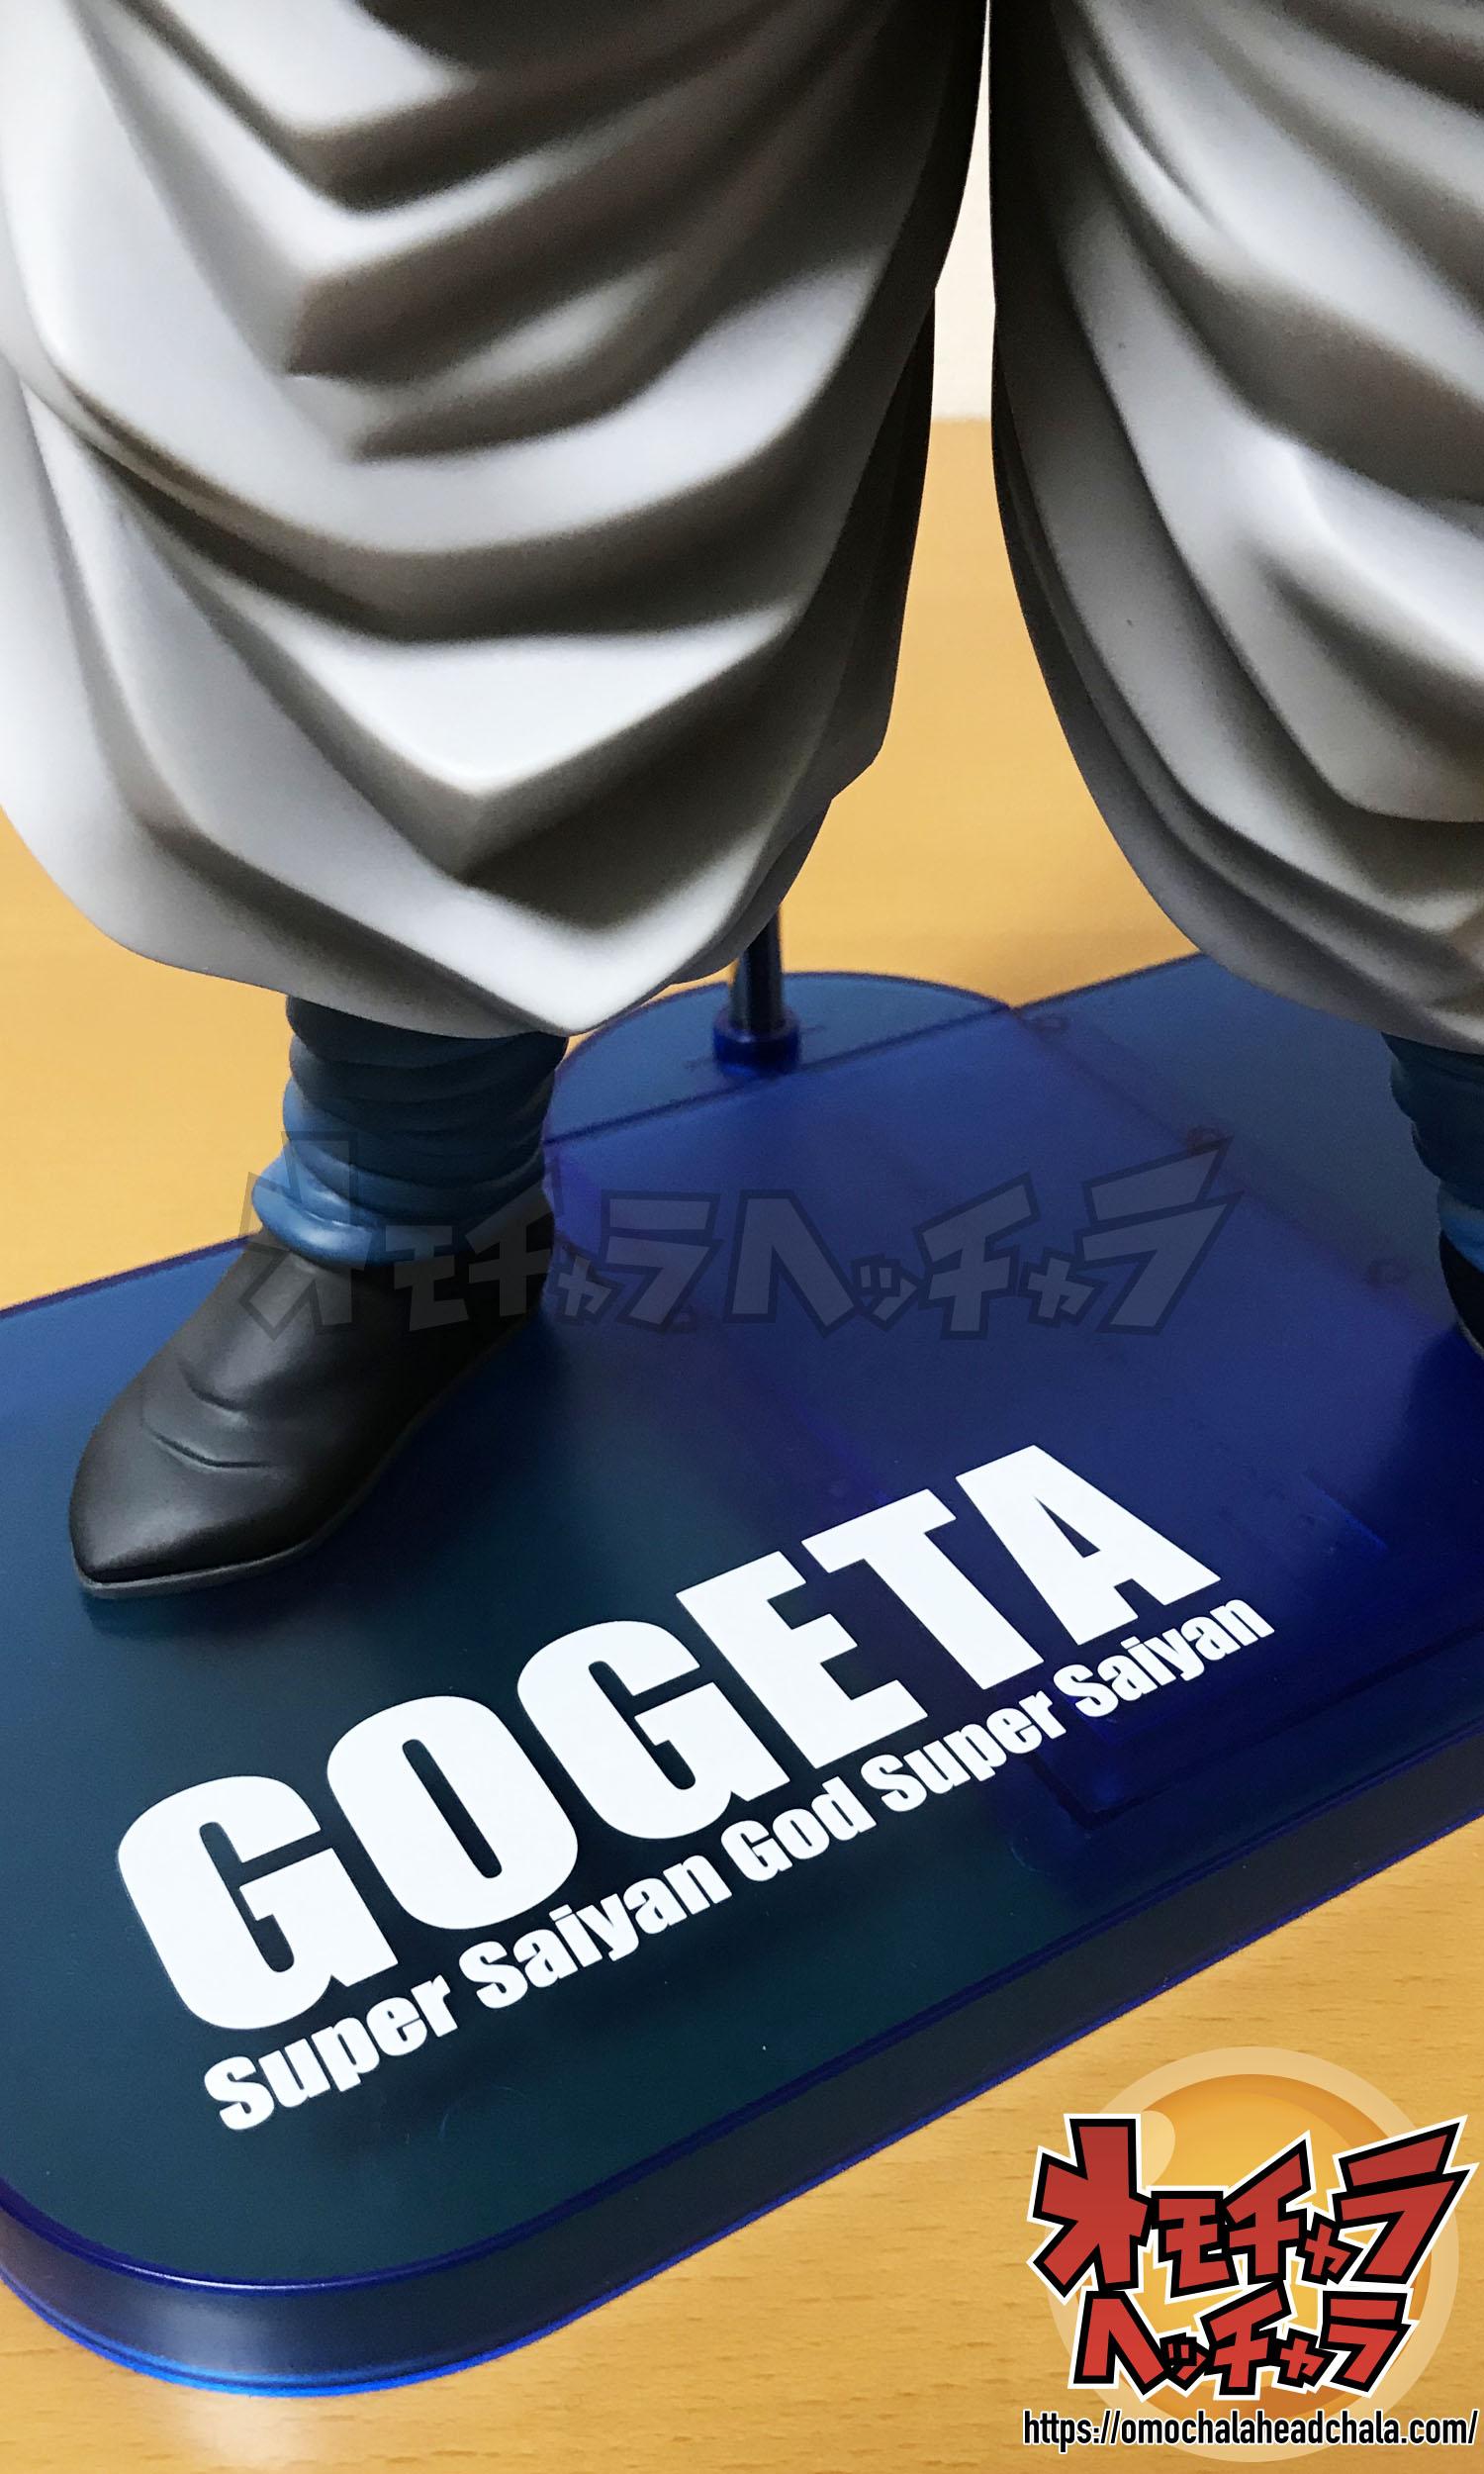 ドラゴンボールフィギュアブログのギガンティックシリーズブルーゴジータレビュー